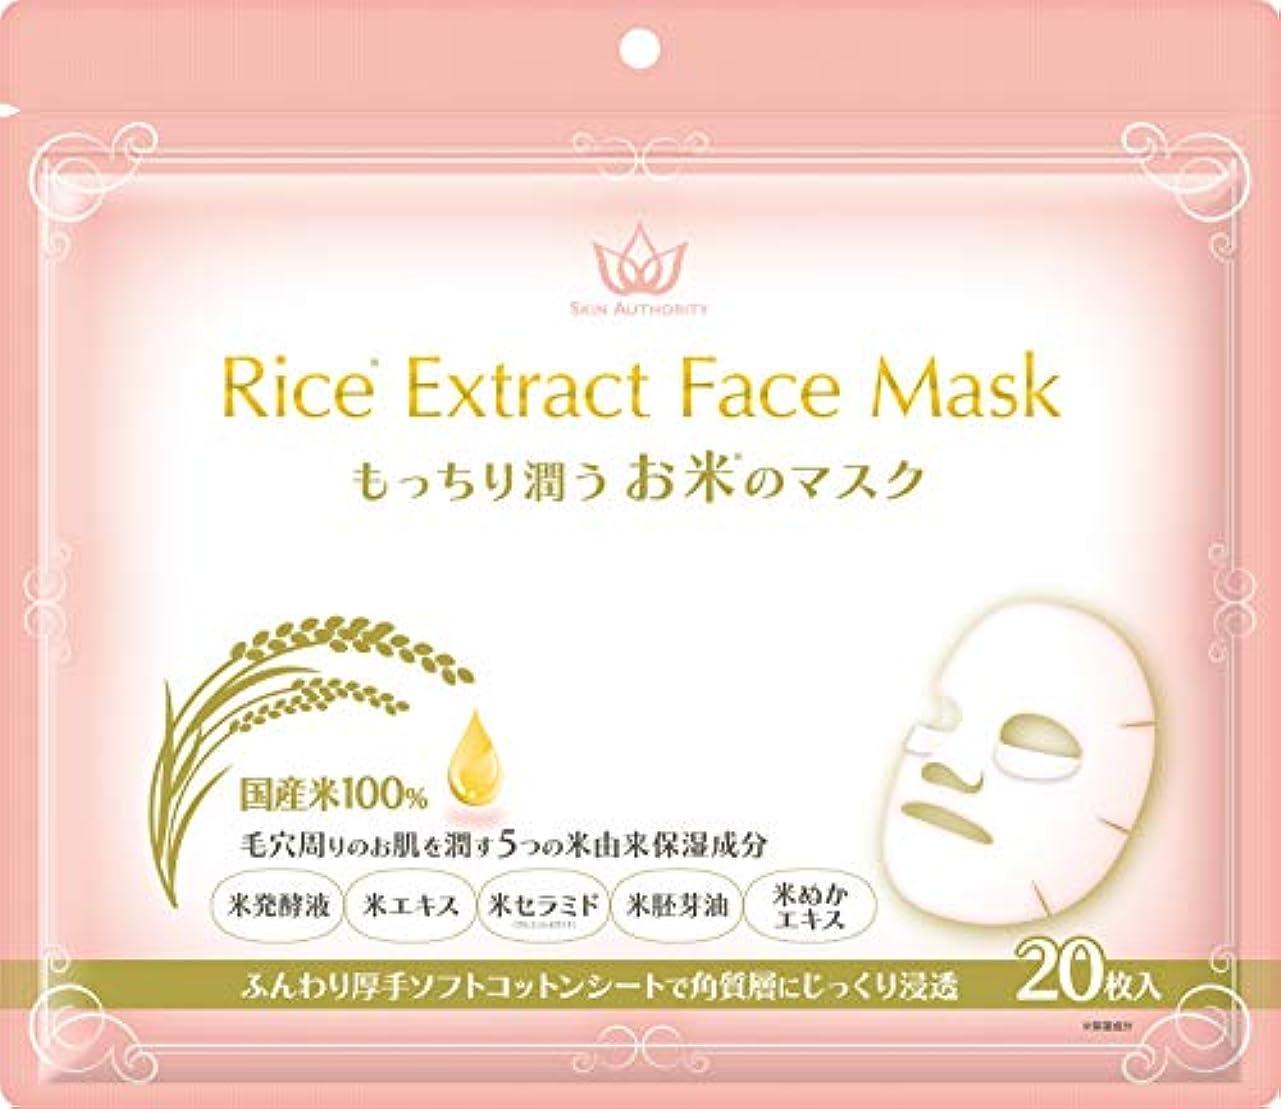 ロケット顧問憂鬱な[Amazon限定ブランド] SKIN AUTHORITY もっちり潤うお米のマスク 20枚入 (300ml)